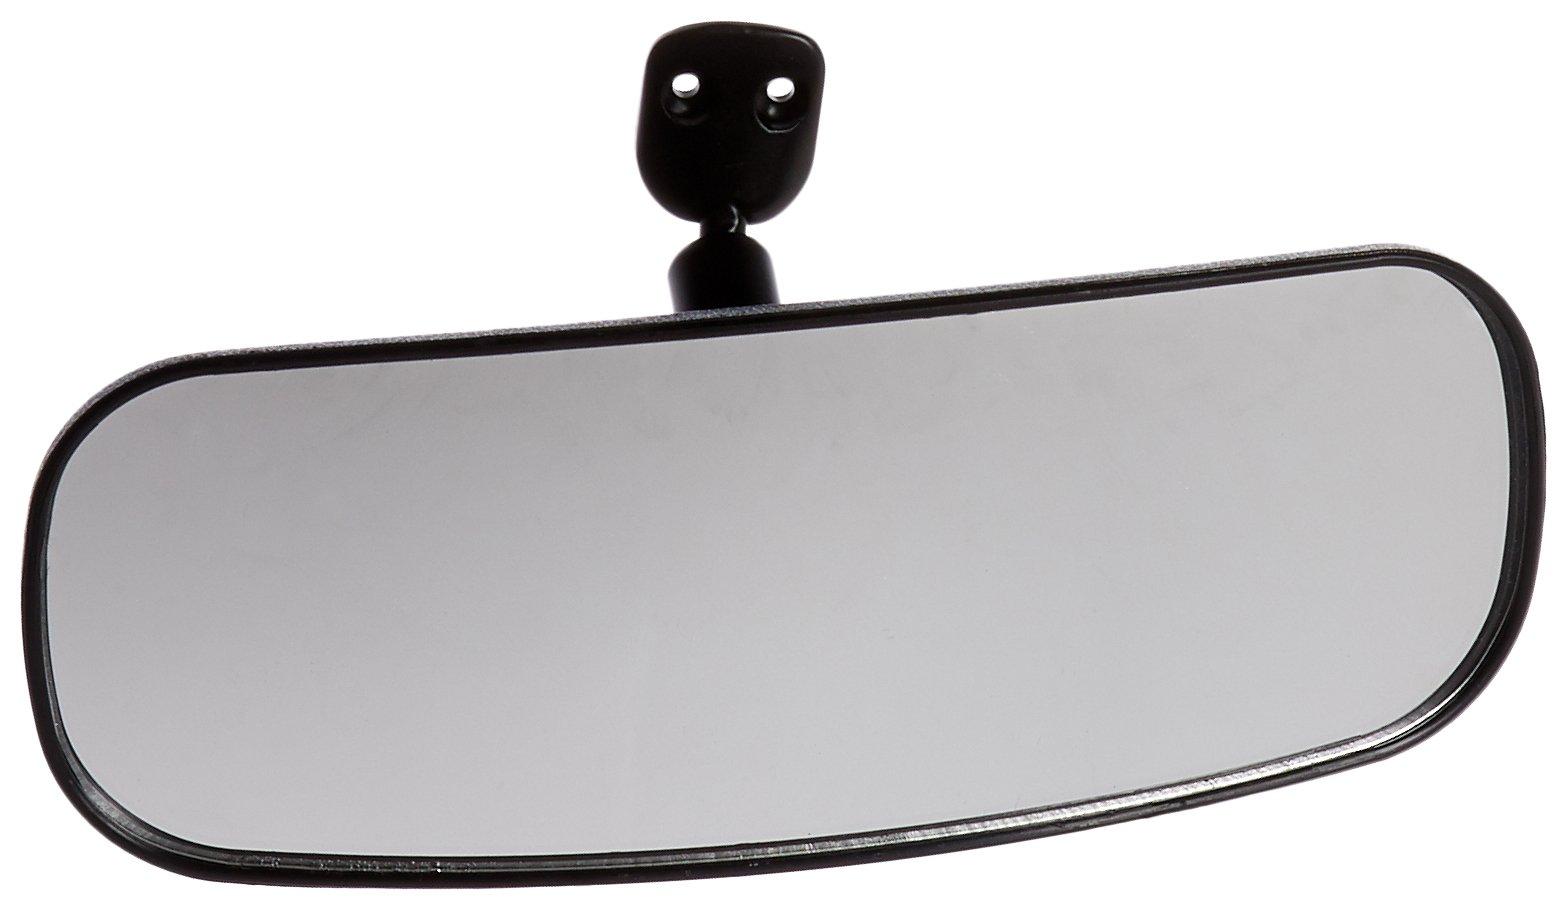 Polaris 2879969 Rear View Mirror